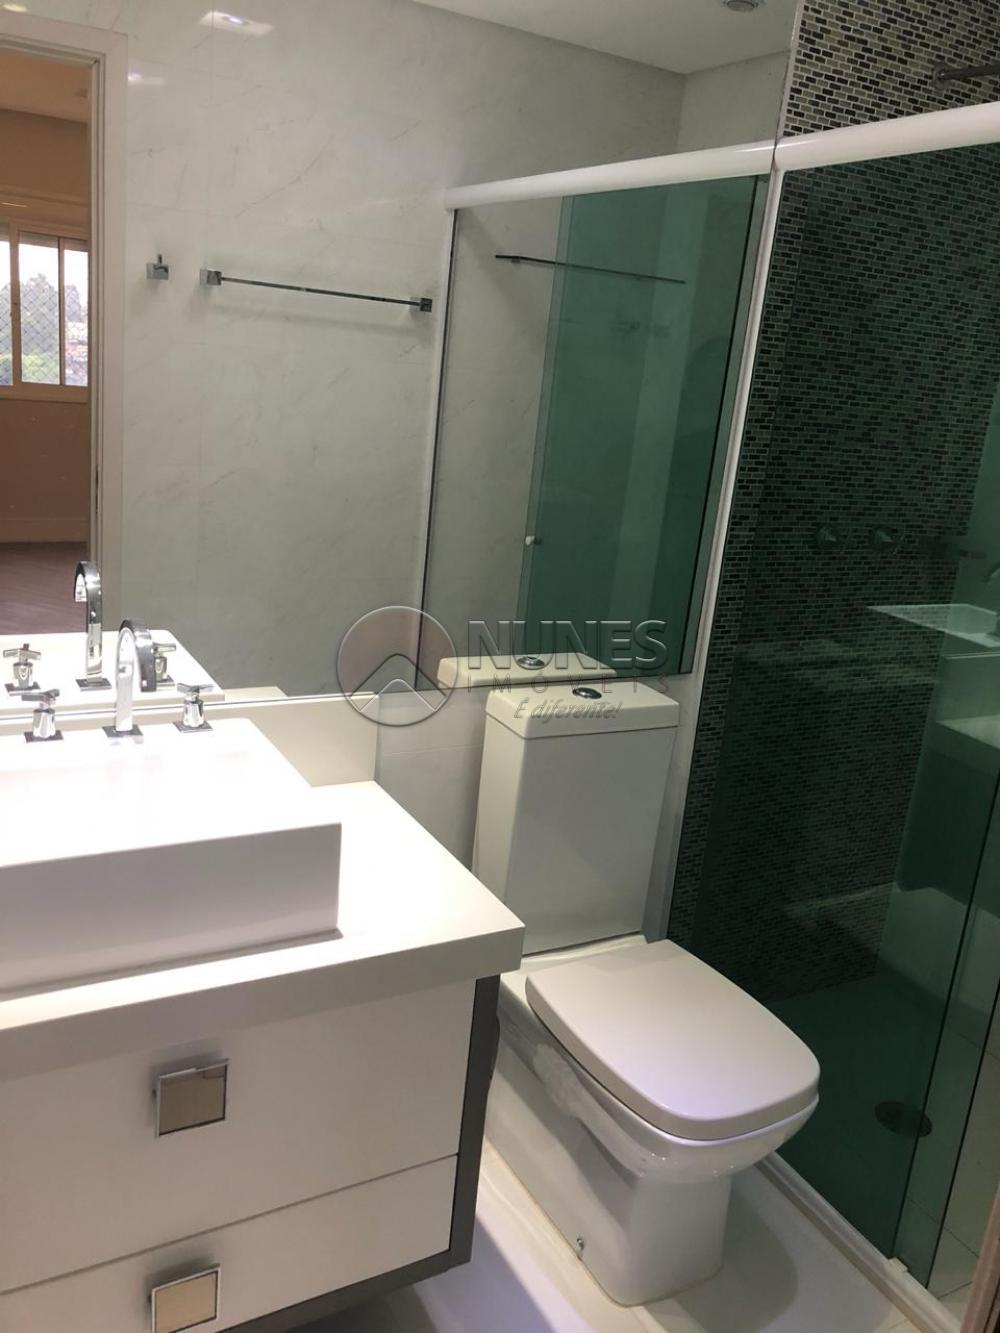 Comprar Apartamento / Padrão em Barueri apenas R$ 520.000,00 - Foto 17